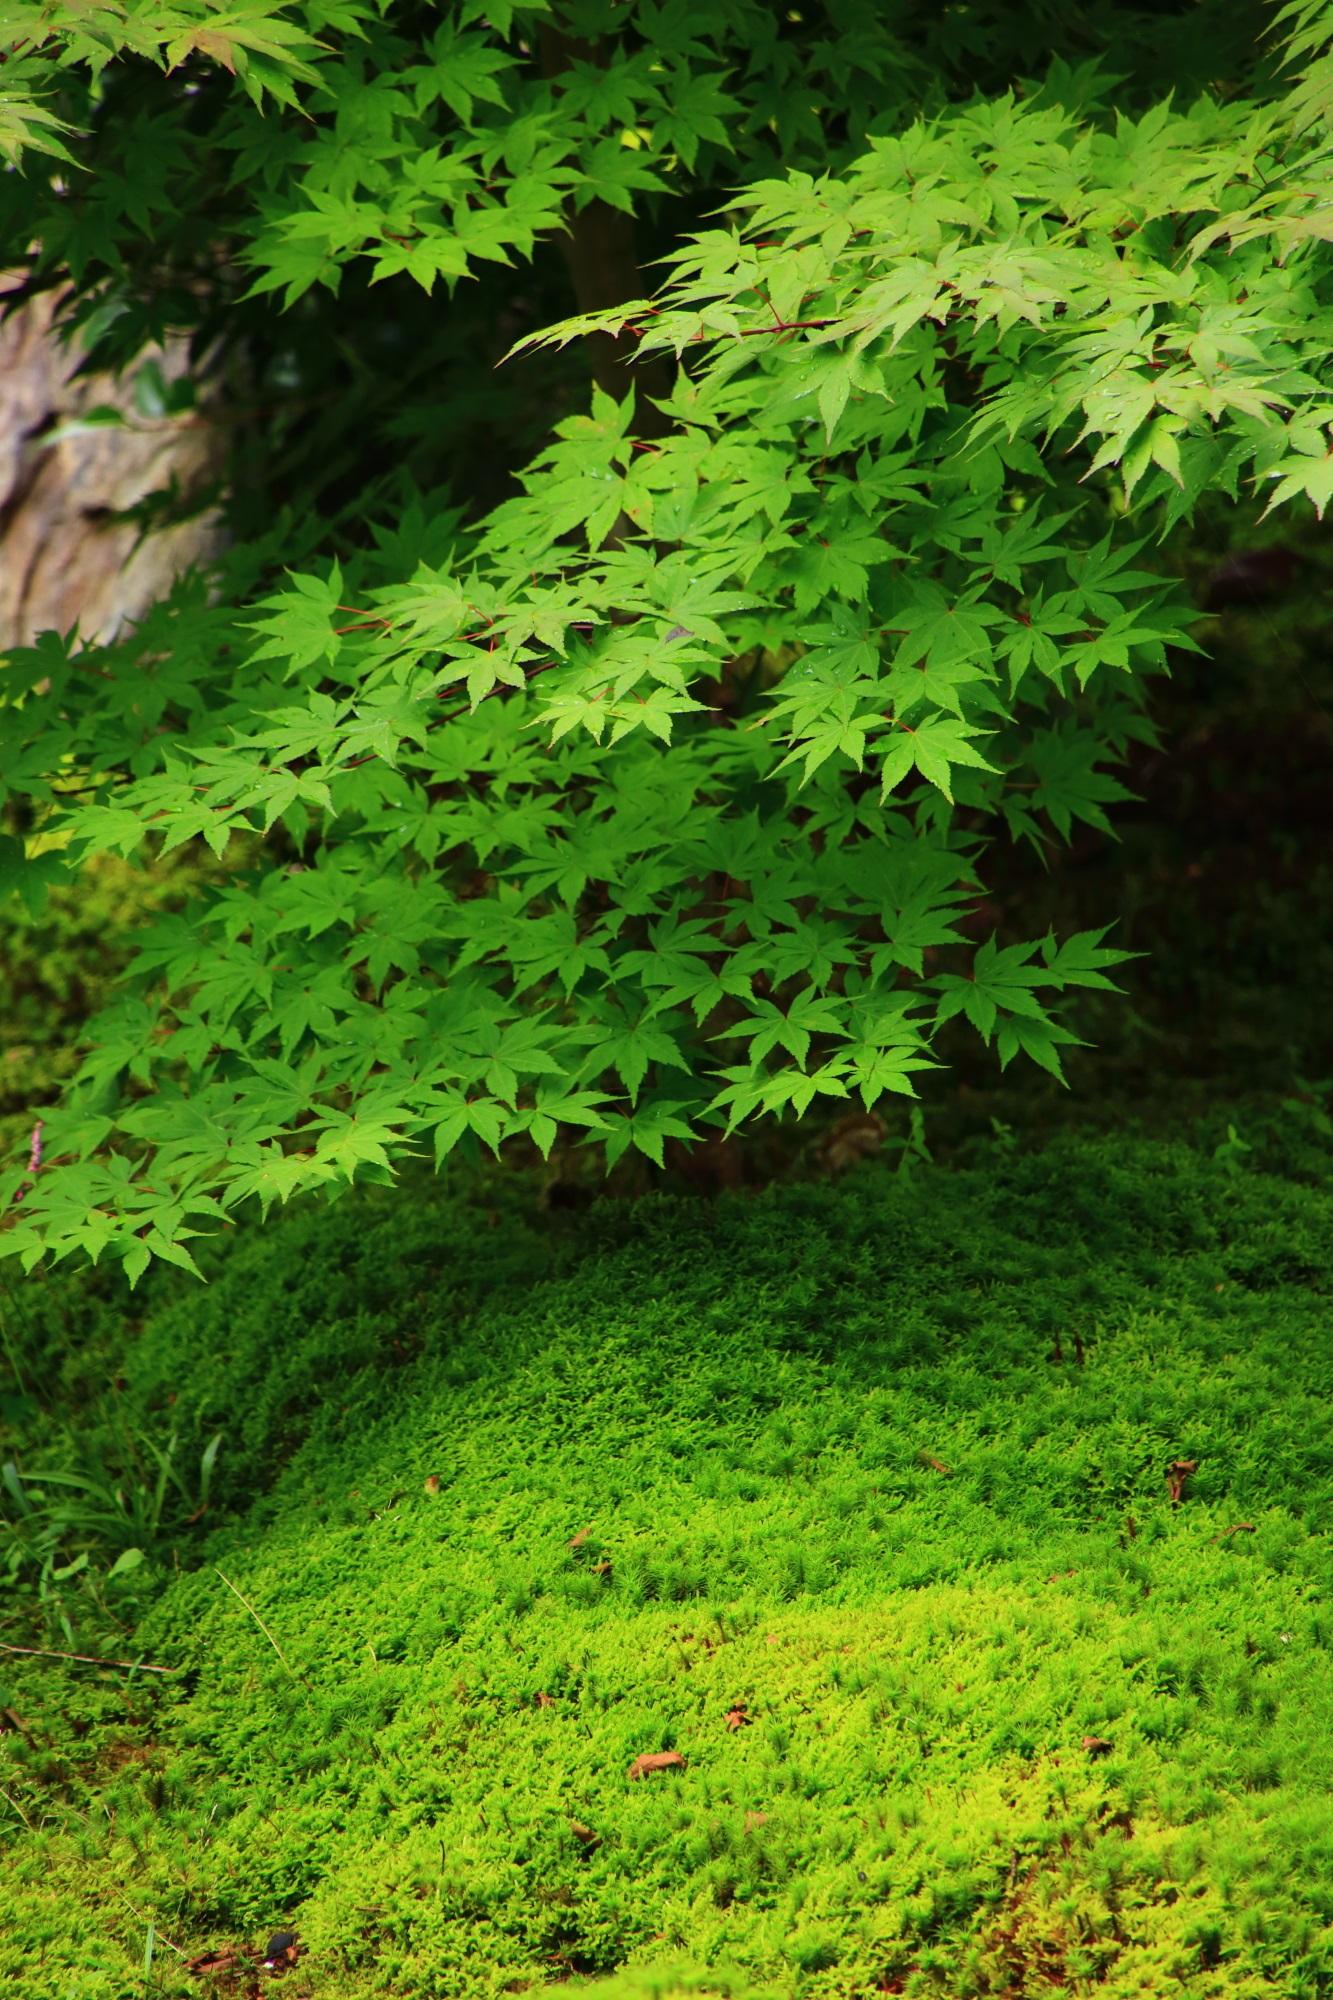 青もみじと苔の圧倒的な緑にそまる初夏の源氏庭